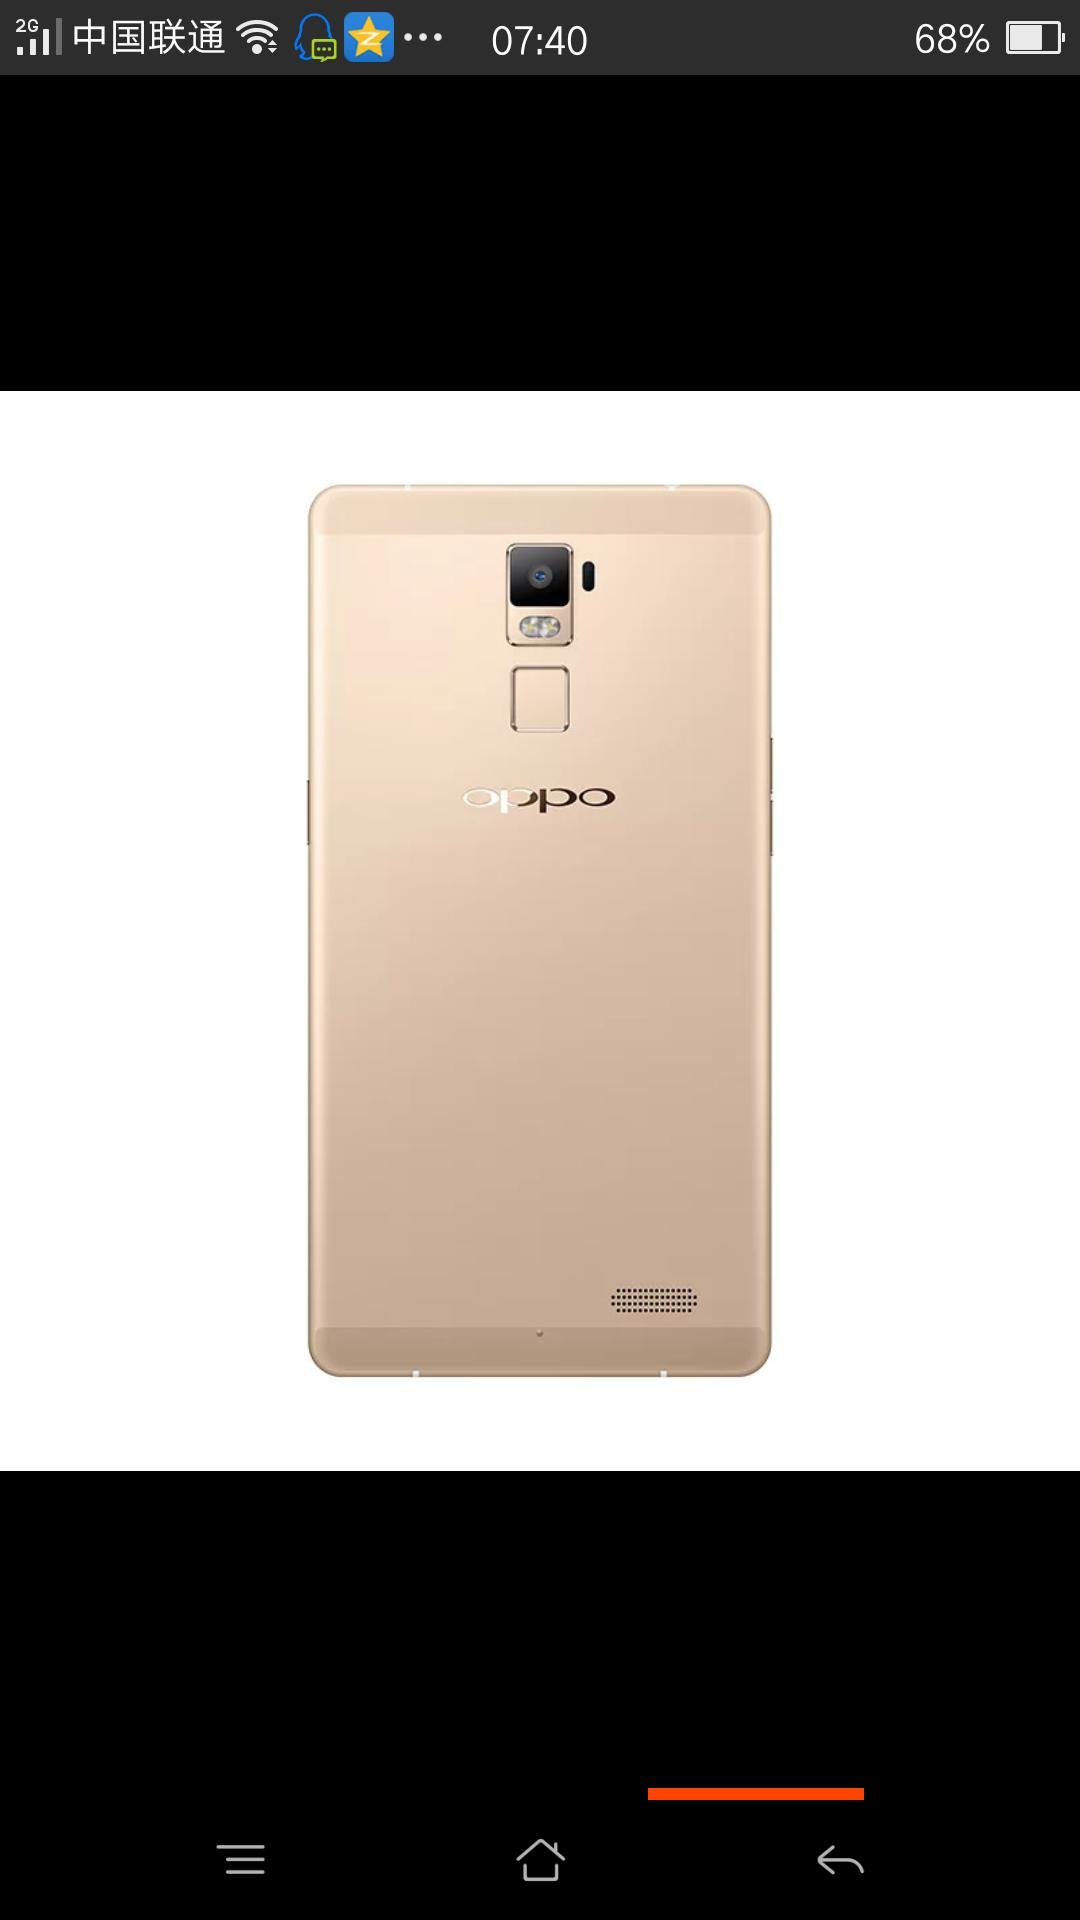 金色OPPOR7PIUSM全网通金色64G,入手一个多月~~女孩子用保护很好~一直带套钢化膜~没有摔过~大内存随便用~~反应迅速~~想换苹果所以出手~~非诚勿扰